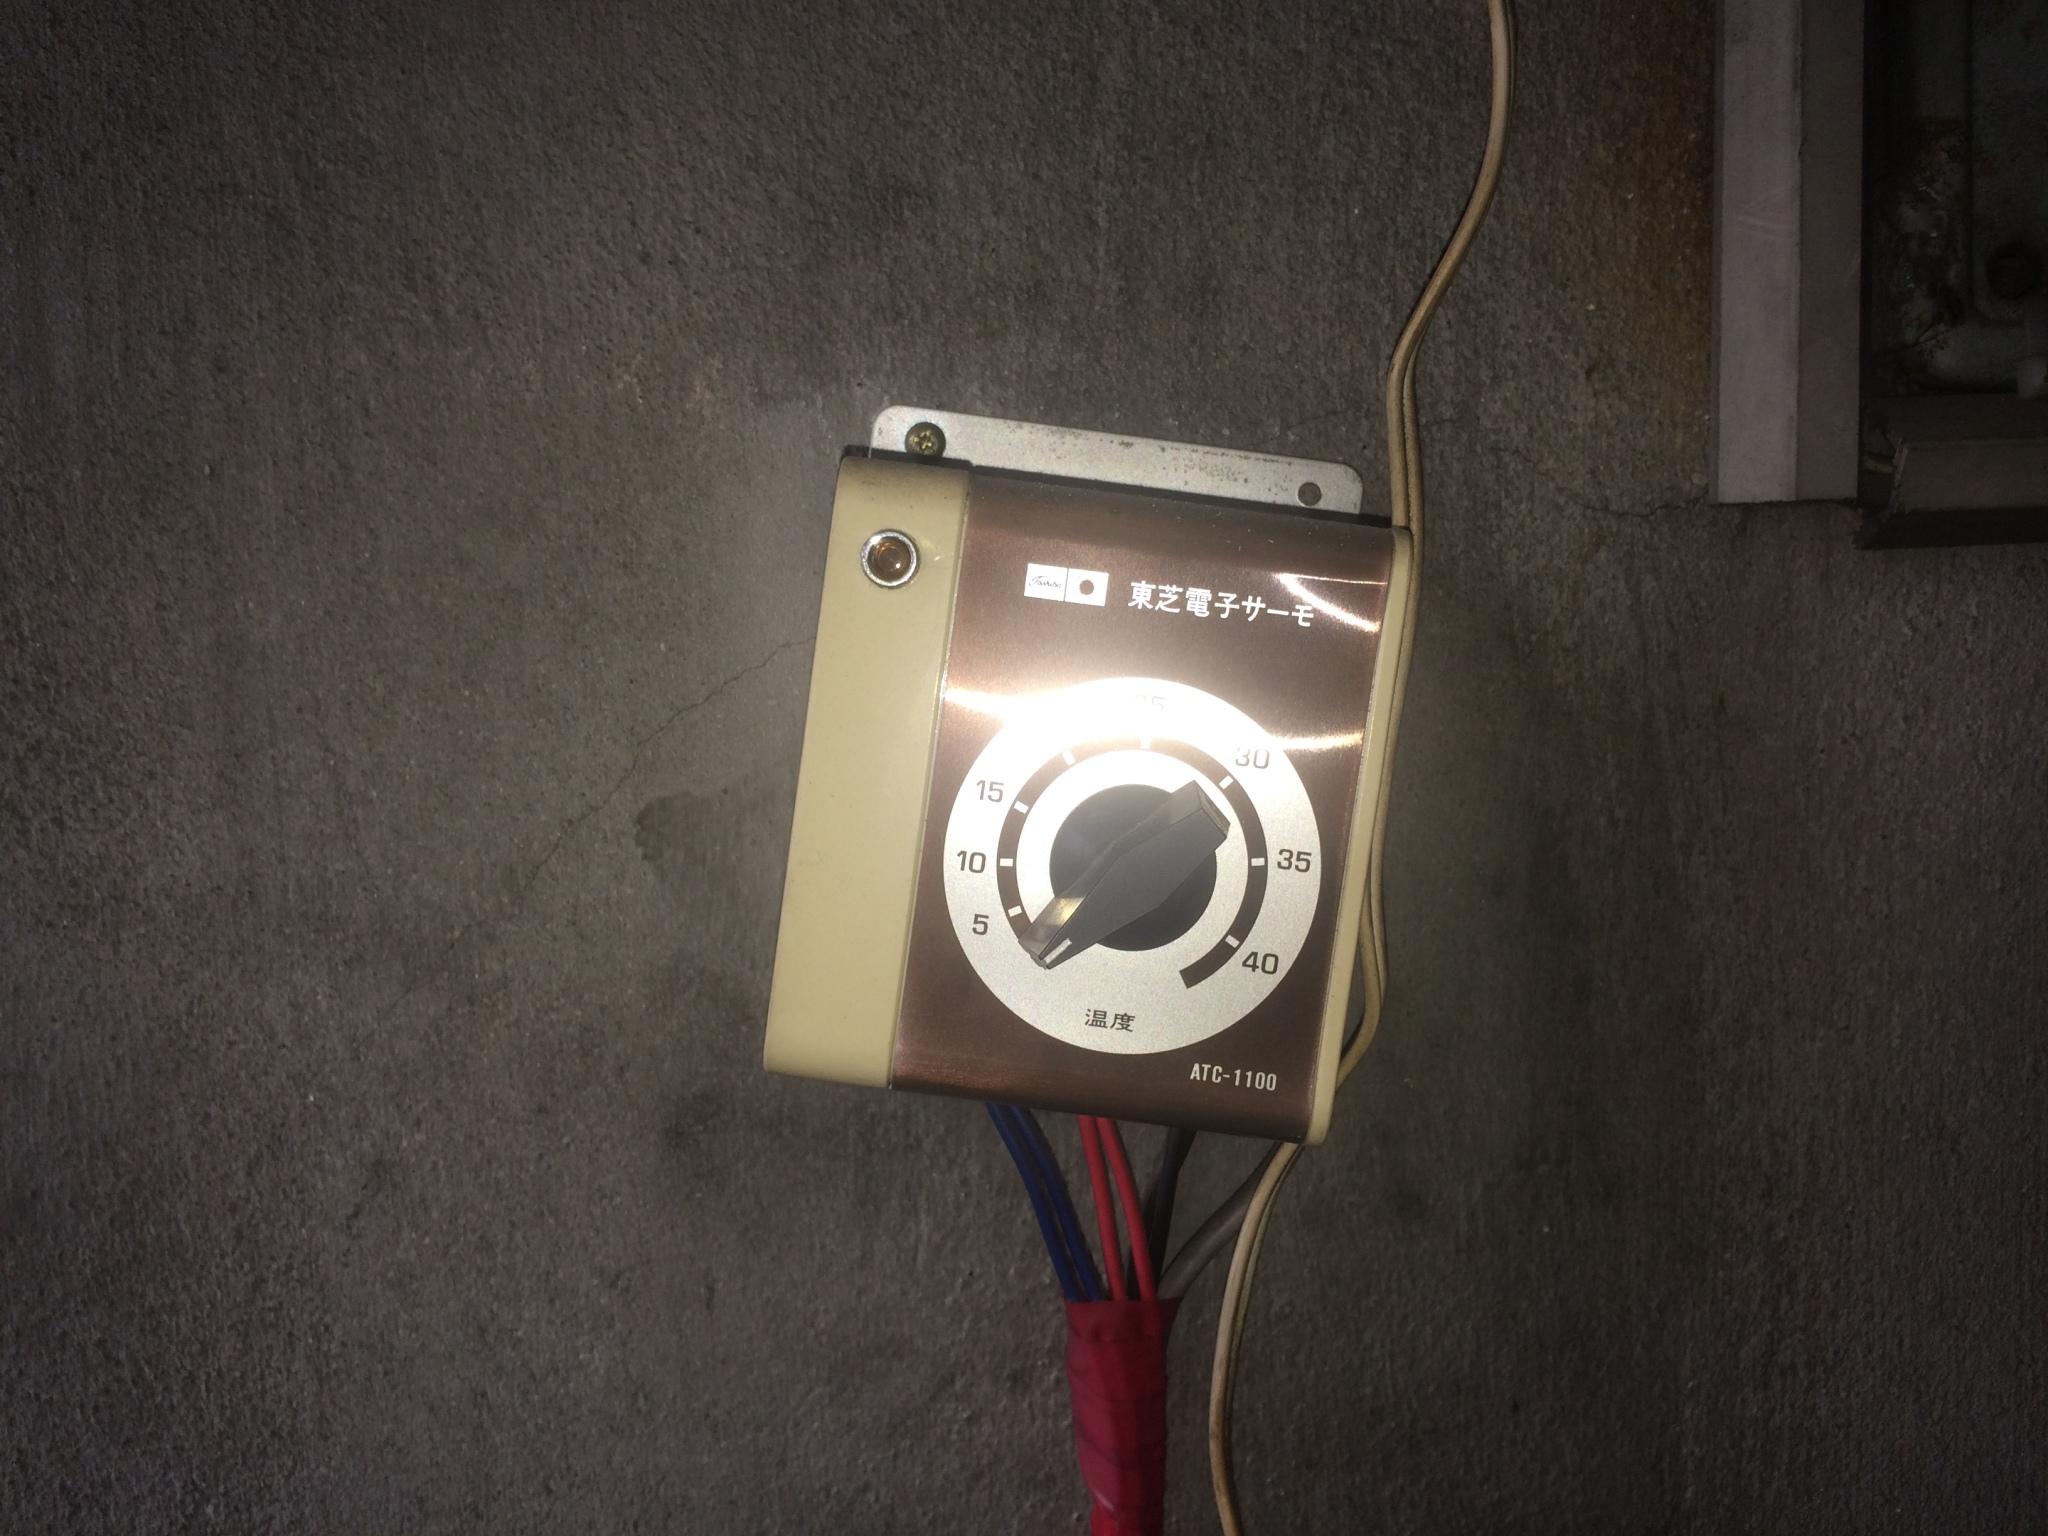 交換前のコントロラースイッチ こちらも昭和感があるデザインですね。